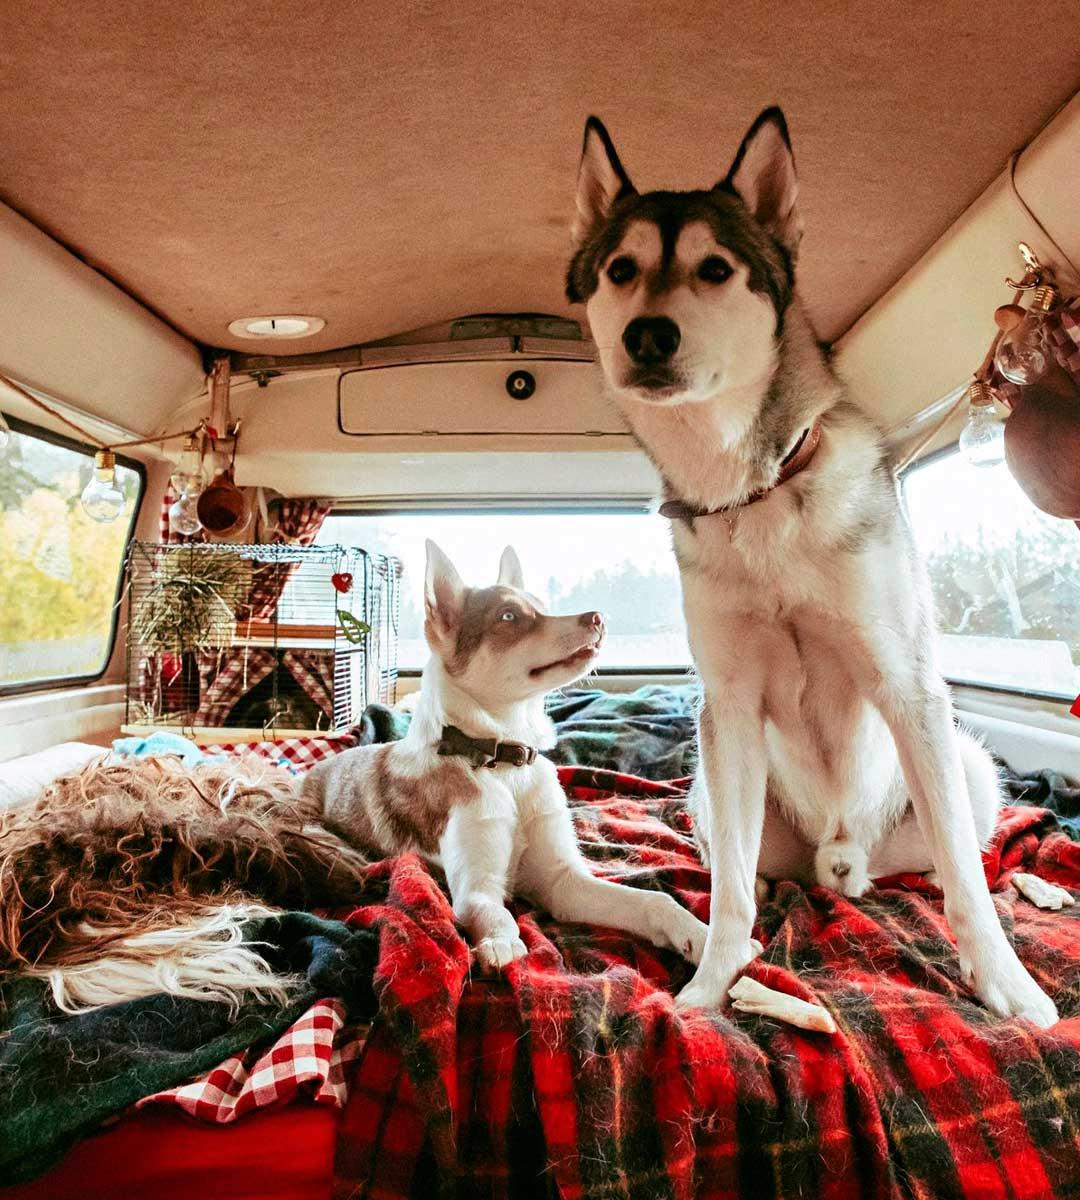 Kuukkelin perällä tiivistyy paitsi tunnelma myös kosteus, kun siellä nukkuu kaksi ihmistä, kaksi koiraa ja kani.